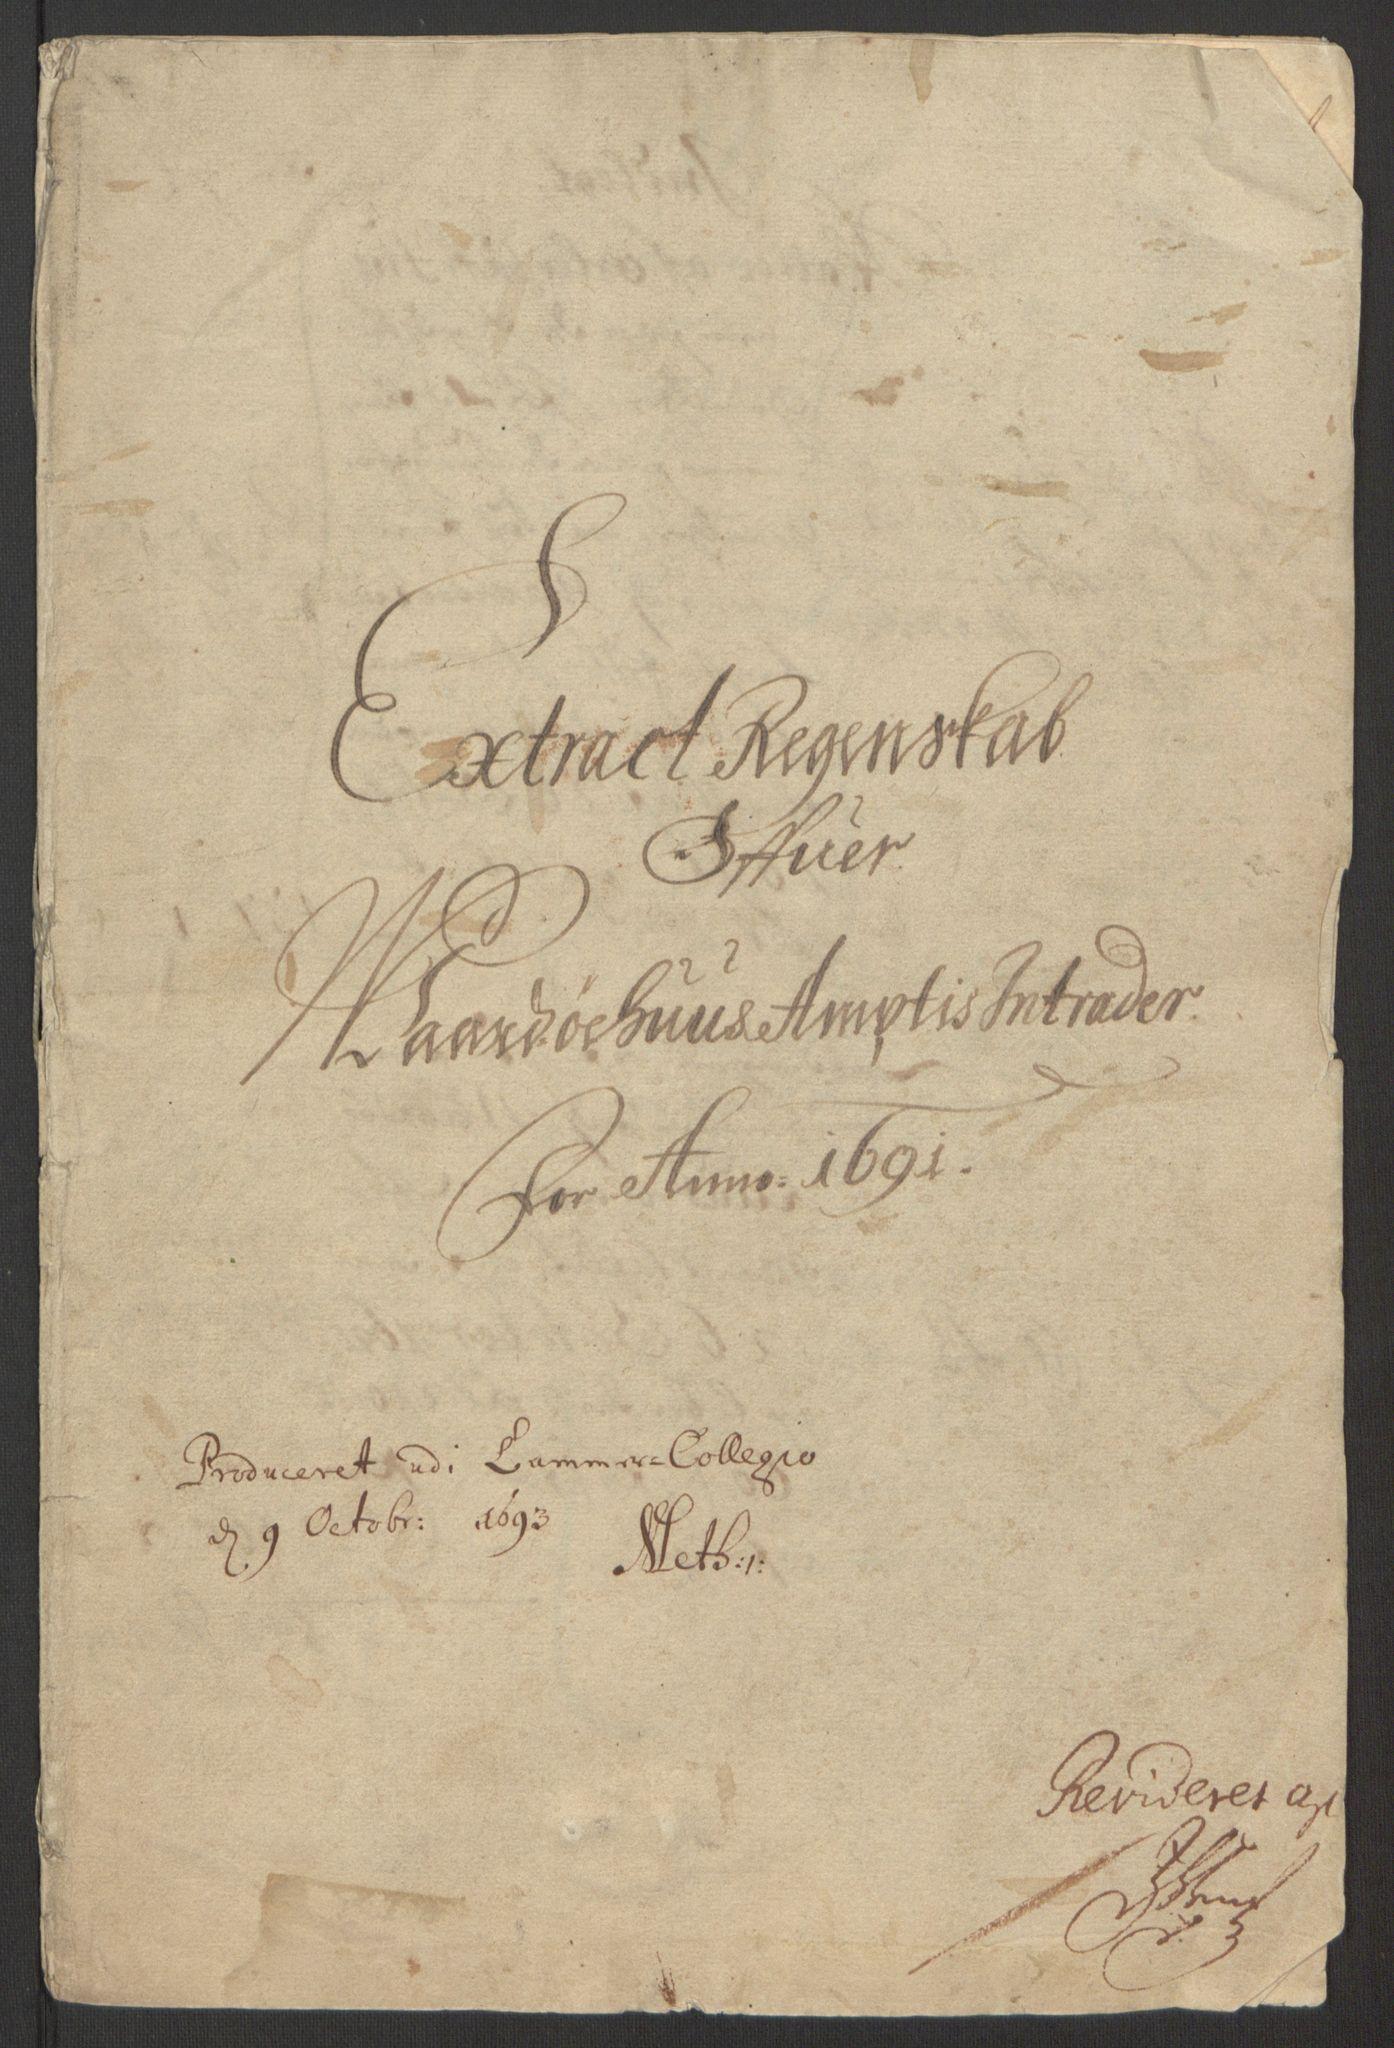 RA, Rentekammeret inntil 1814, Reviderte regnskaper, Fogderegnskap, R69/L4851: Fogderegnskap Finnmark/Vardøhus, 1691-1700, s. 3